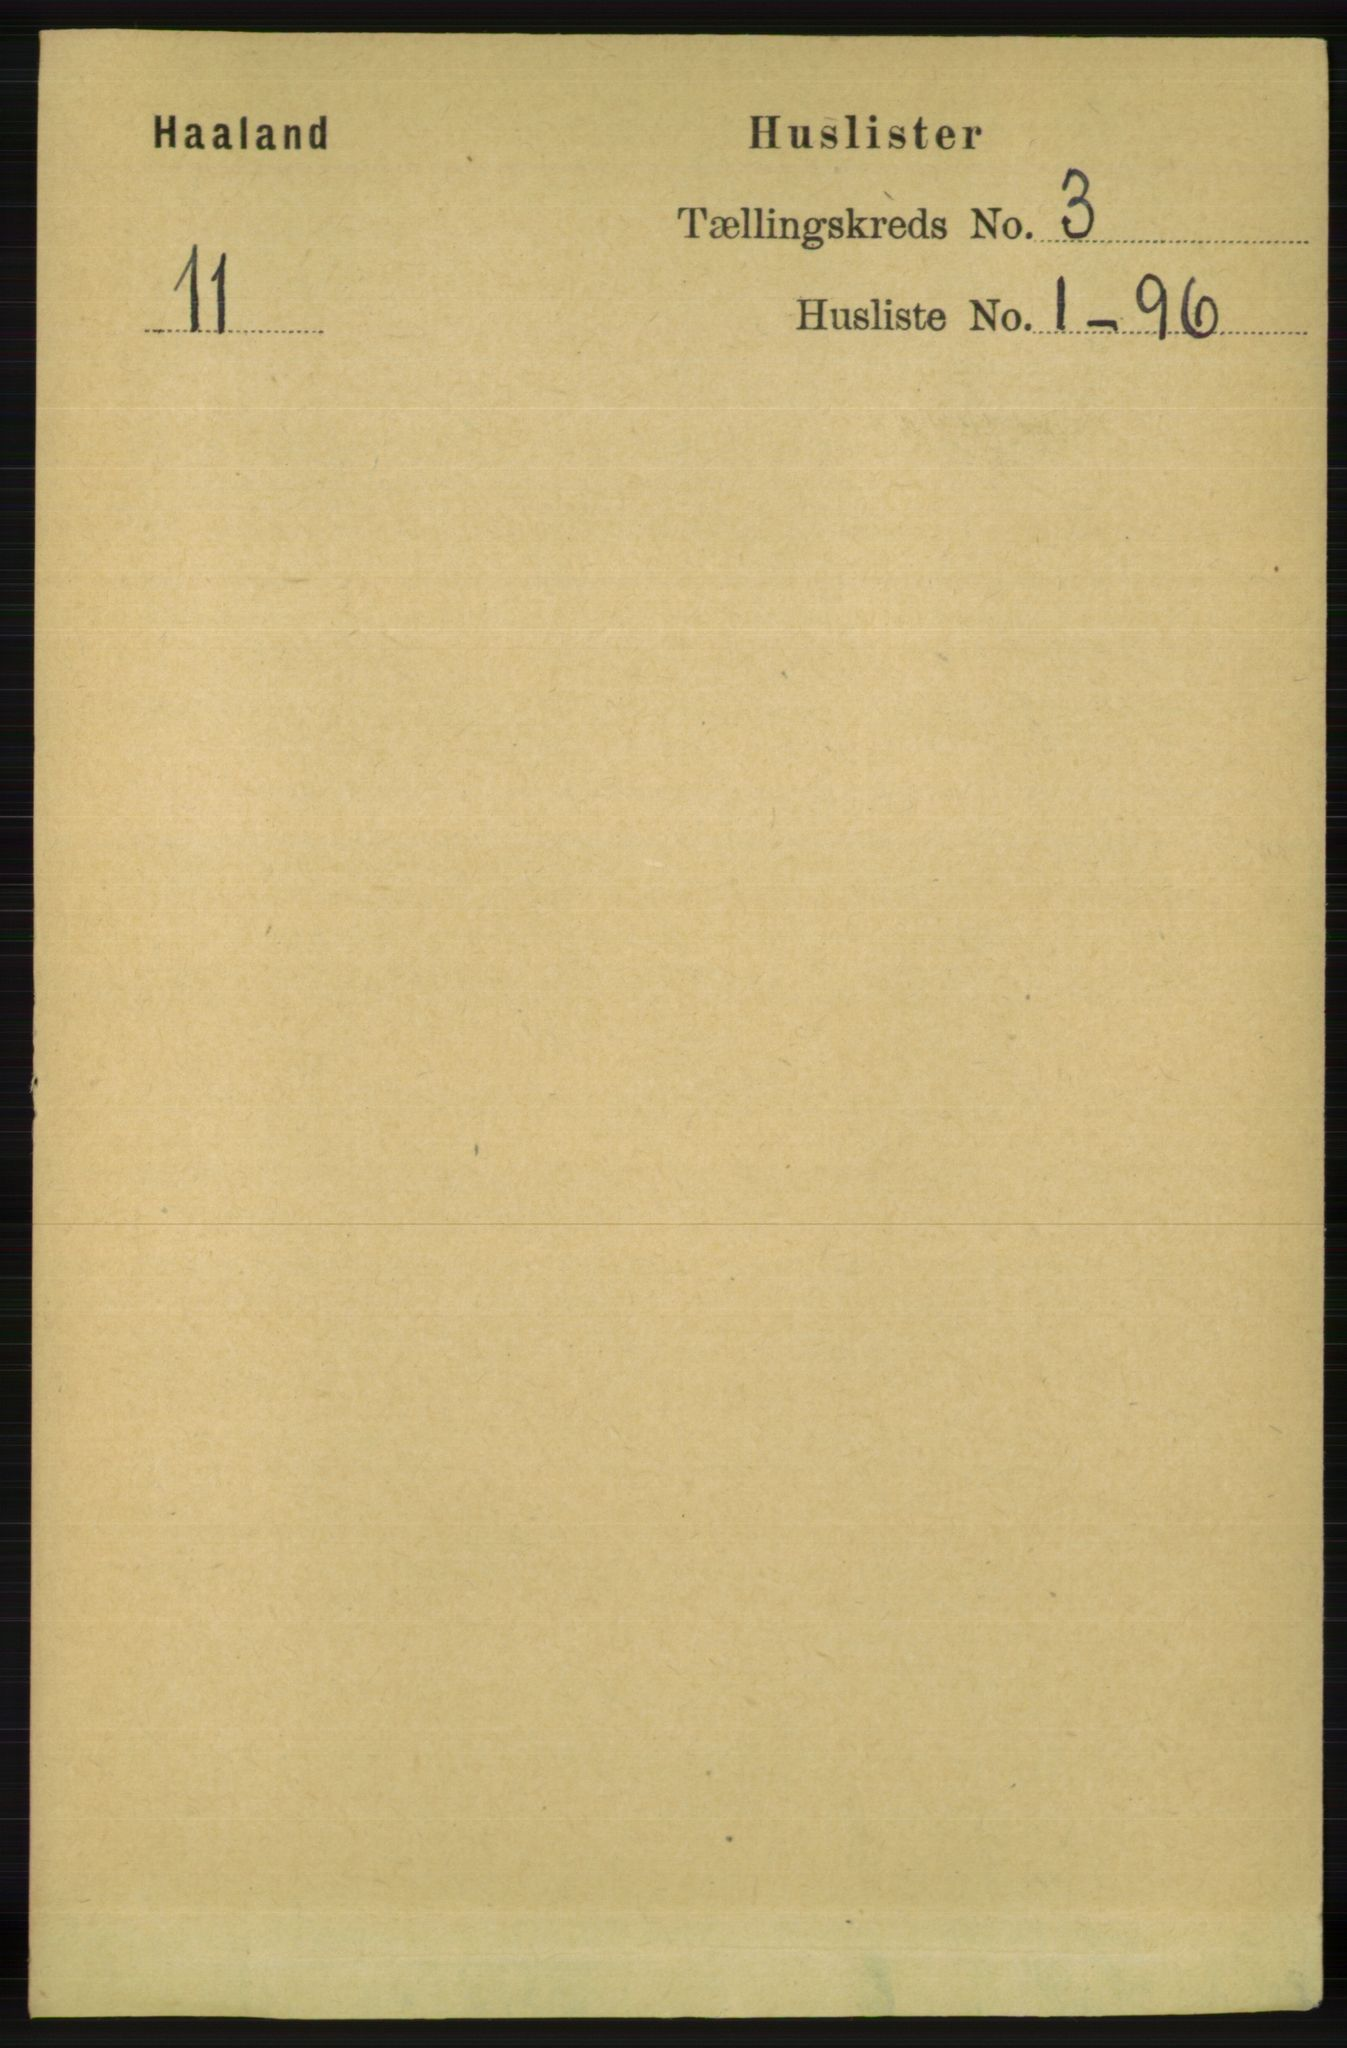 RA, Folketelling 1891 for 1124 Haaland herred, 1891, s. 1605